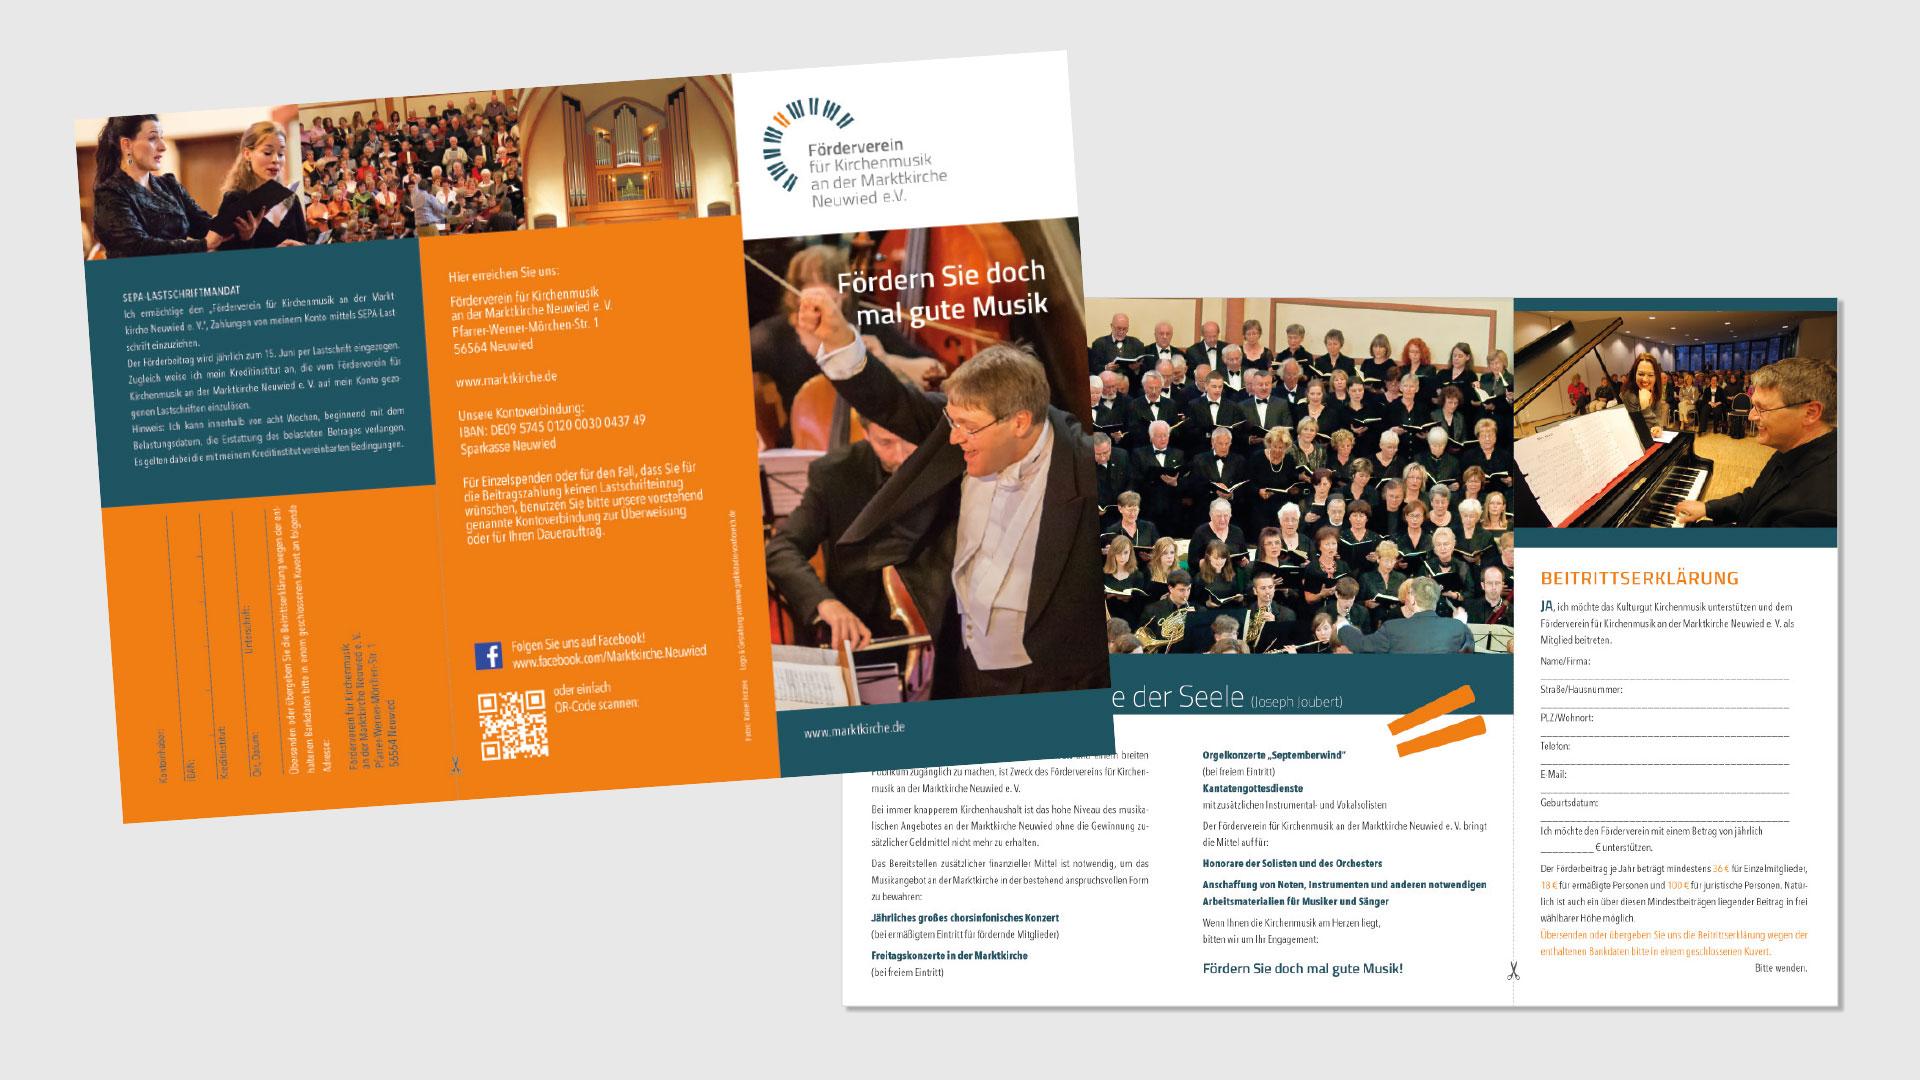 Foerderverein für Kirchenmusik Neuwied